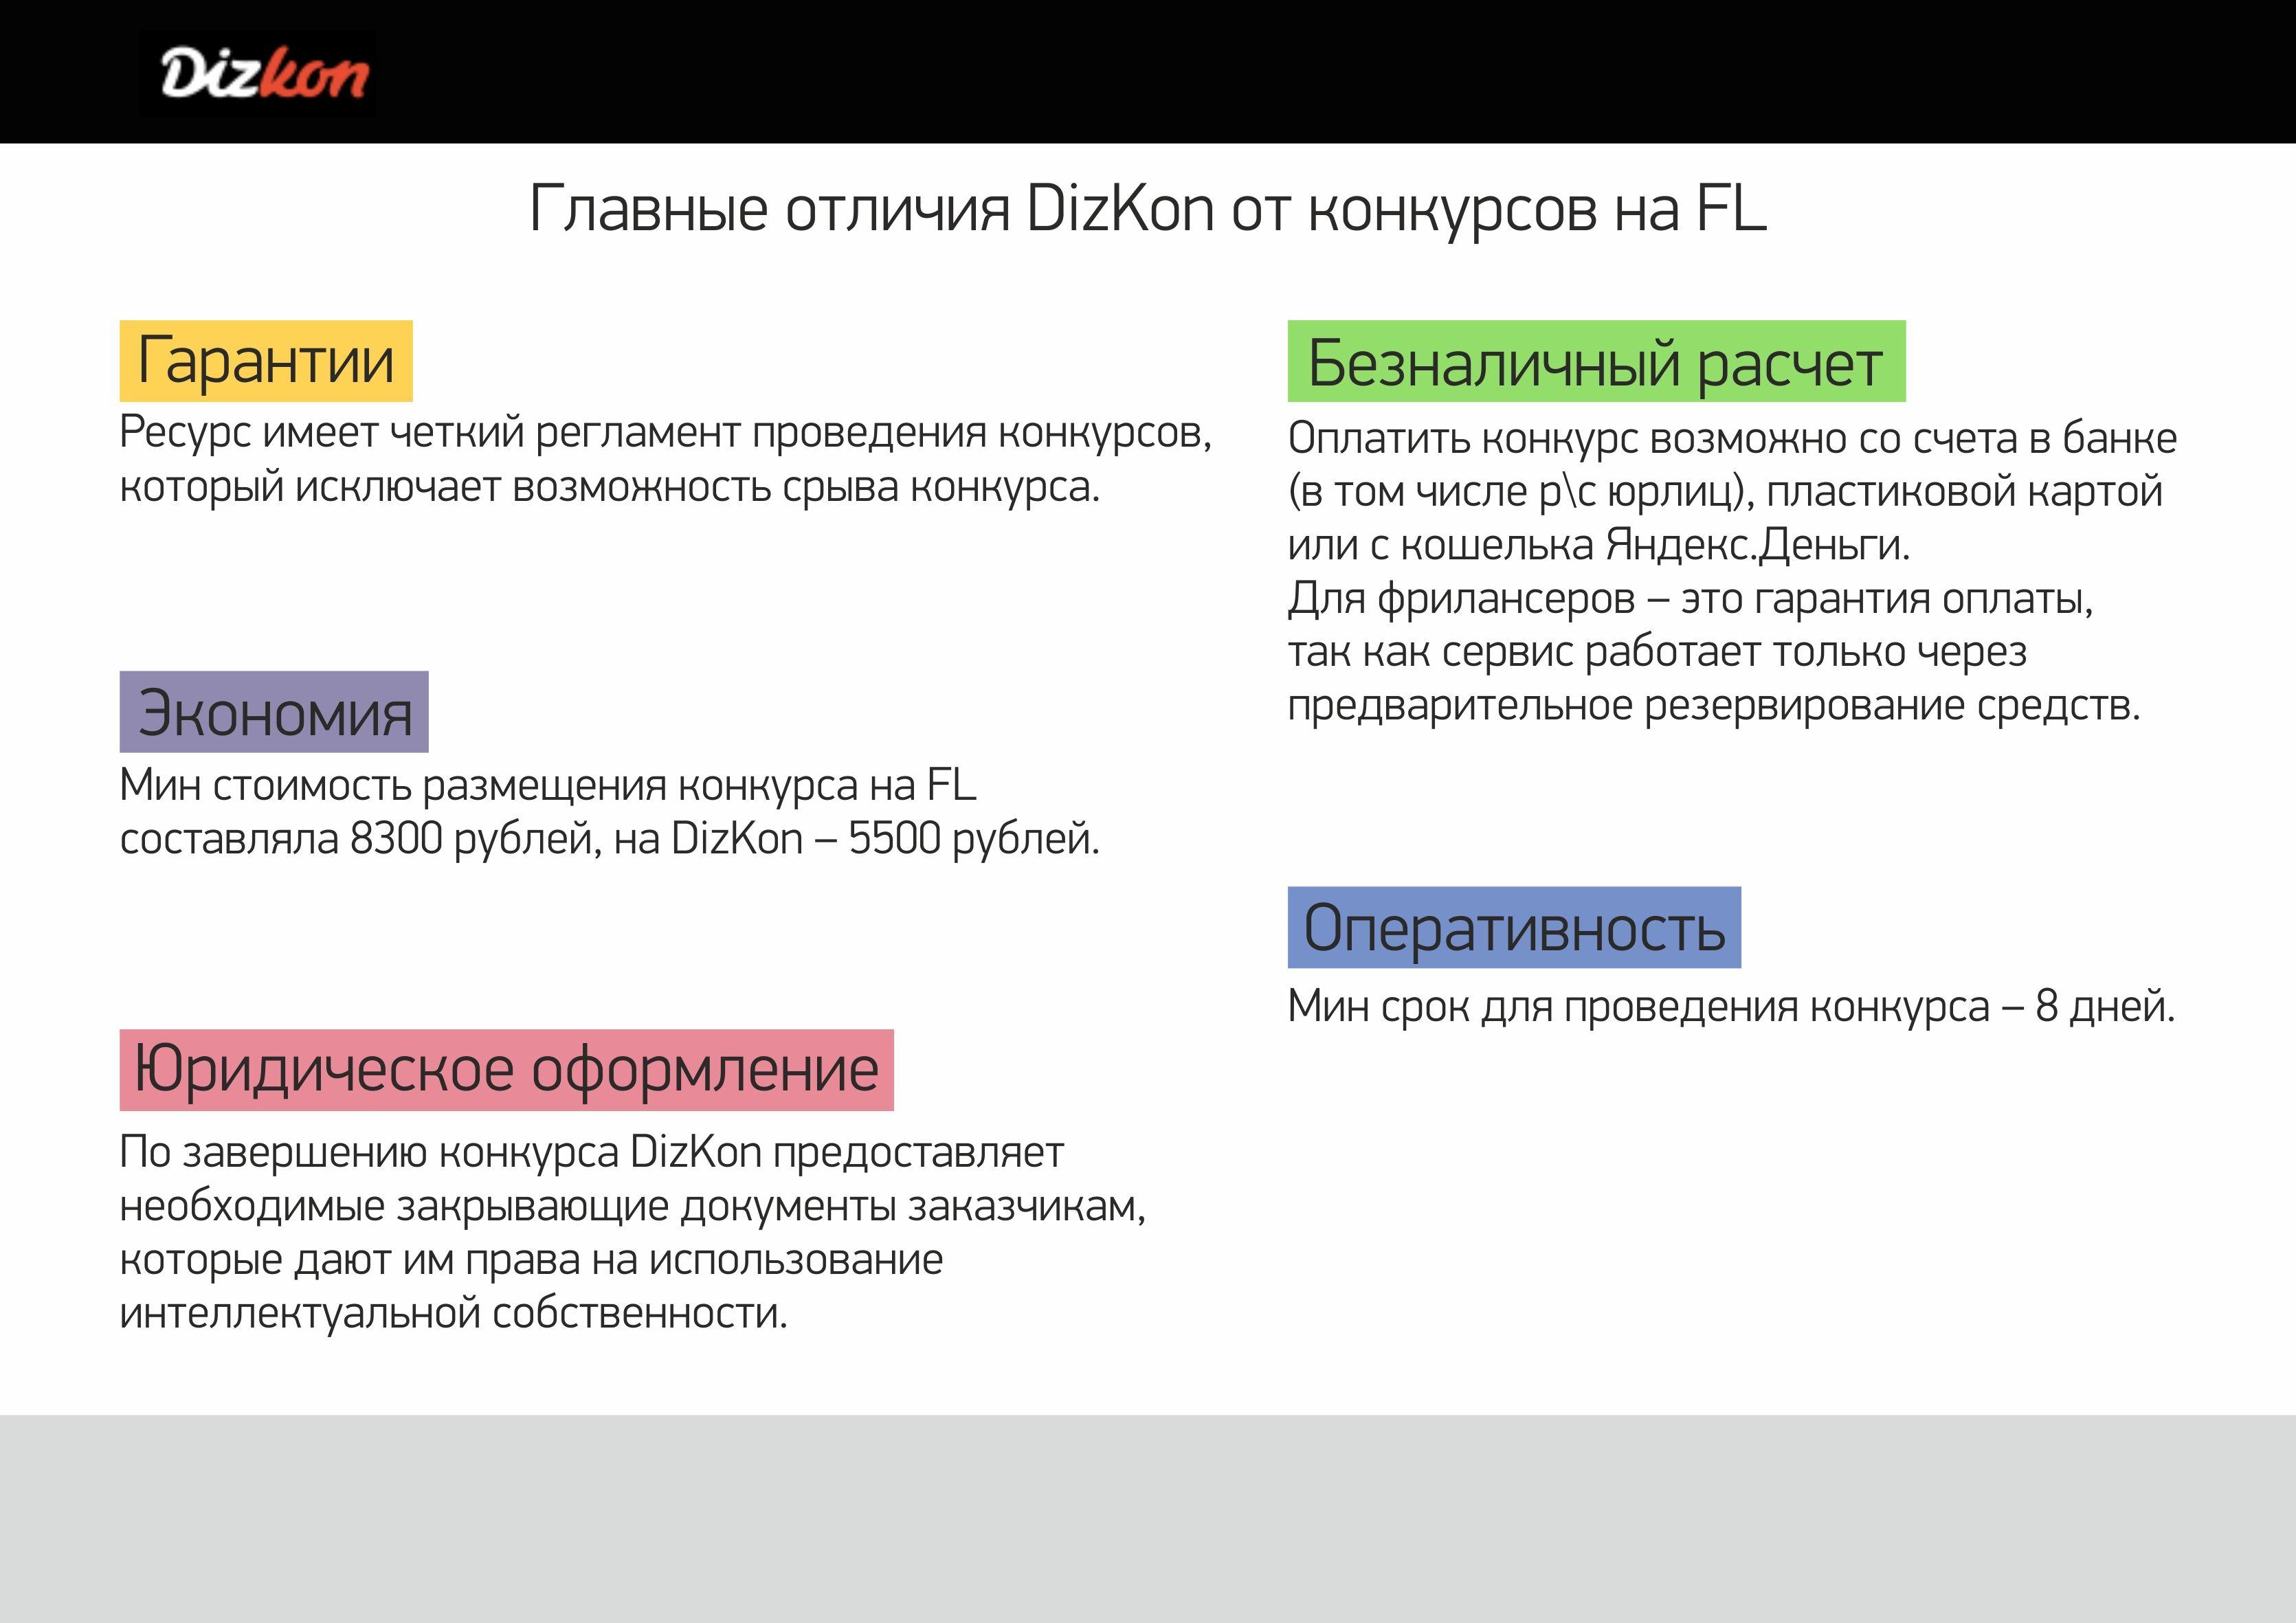 Инфографика по юридической сделке - дизайнер LavrentevVA